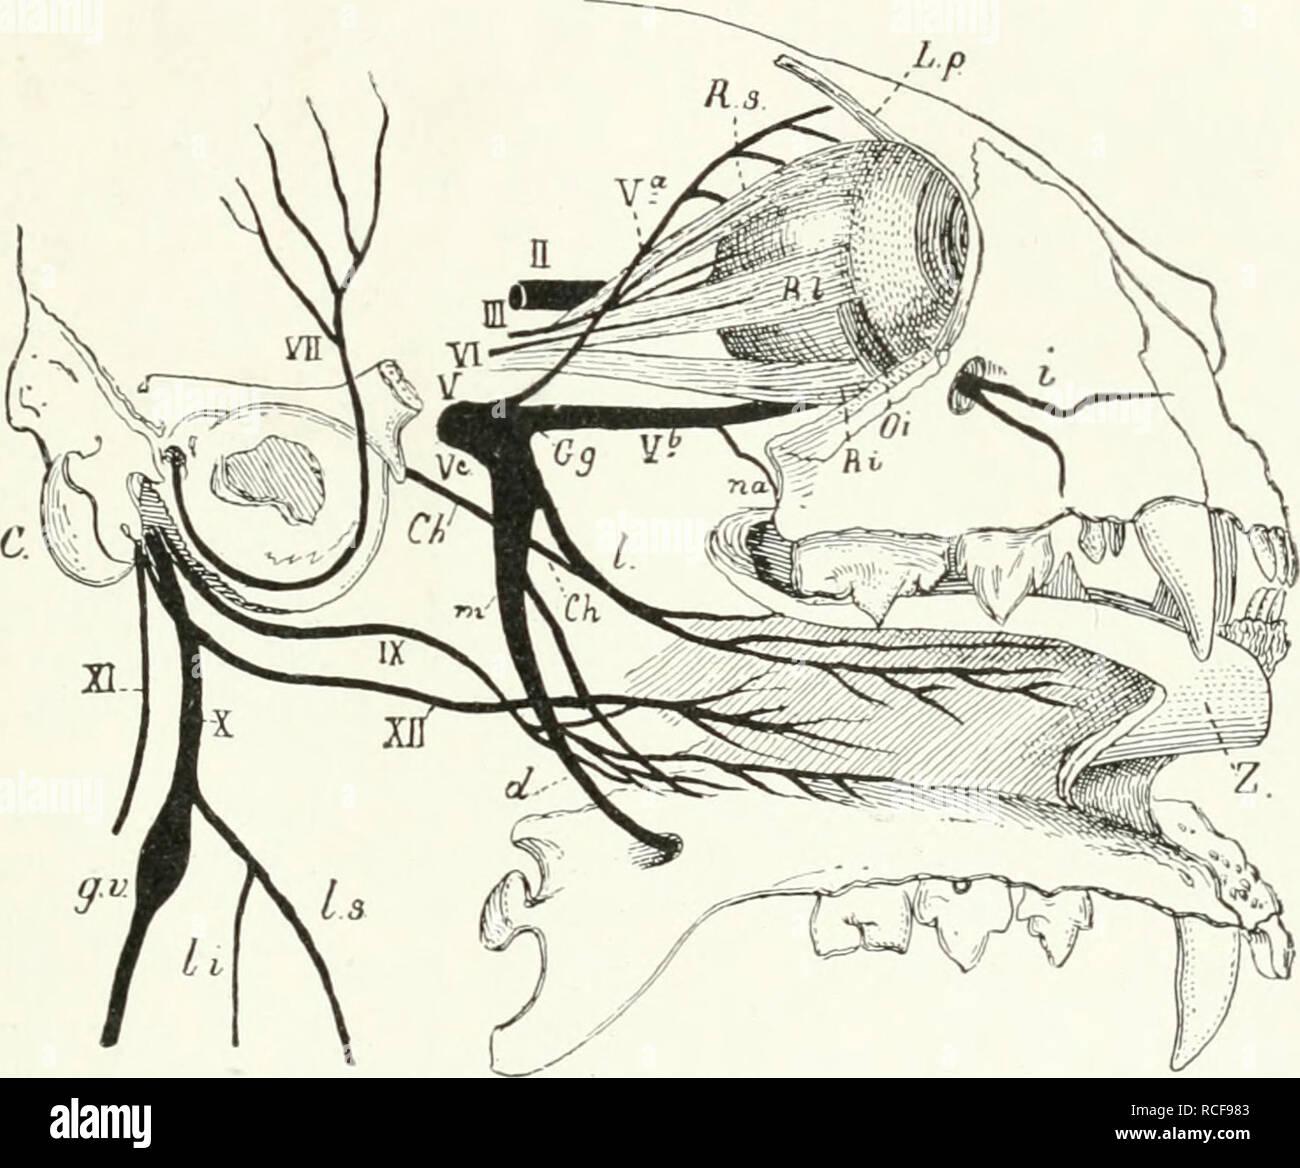 Die Sugetiere Einfhrung In Die Anatomie Und Systematik Der